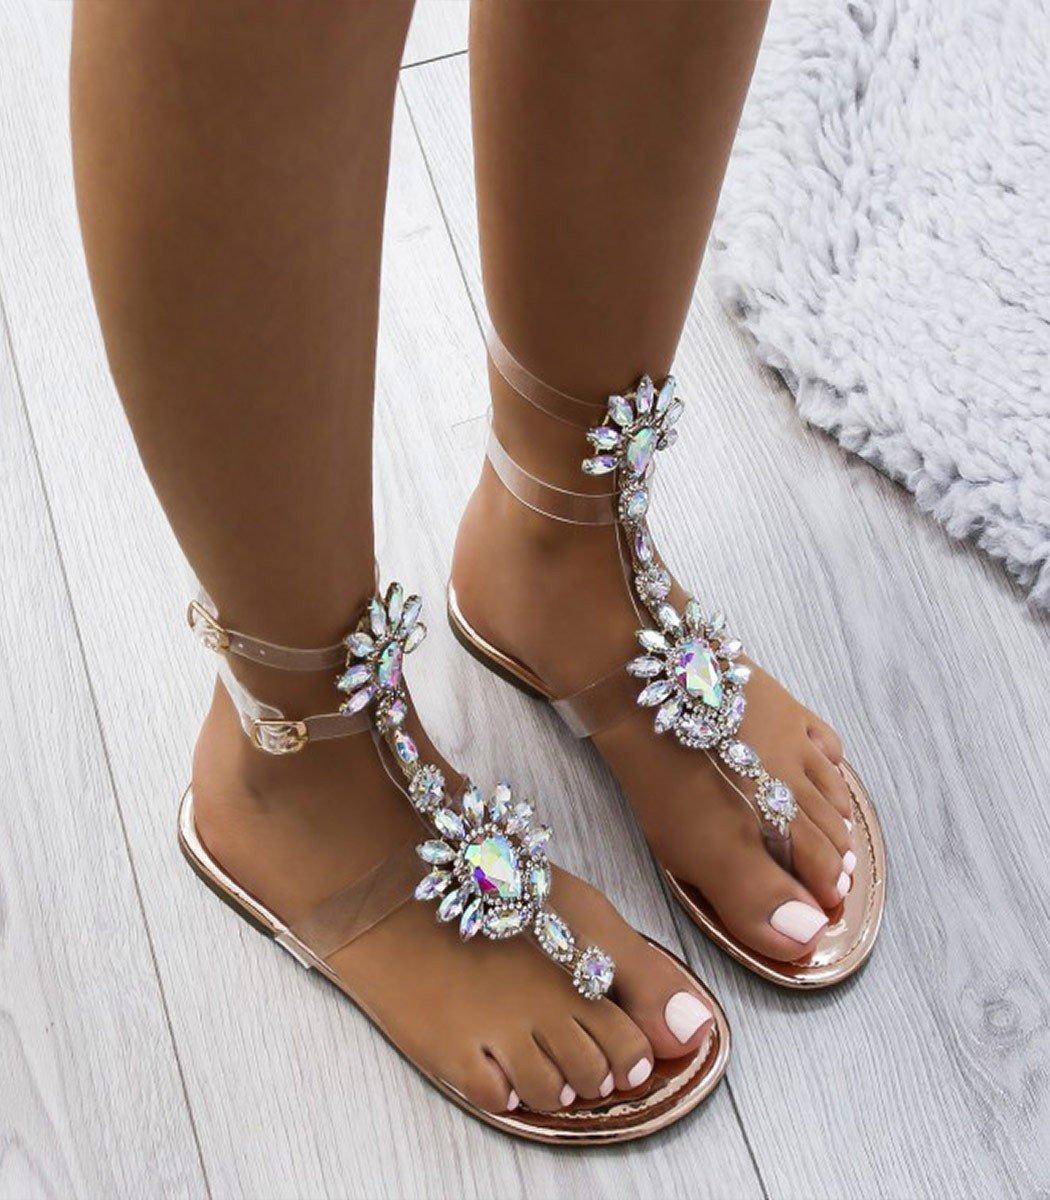 7091469438f2 sandále Lara zlaté · Kliknite pre zväčšenie obrázku